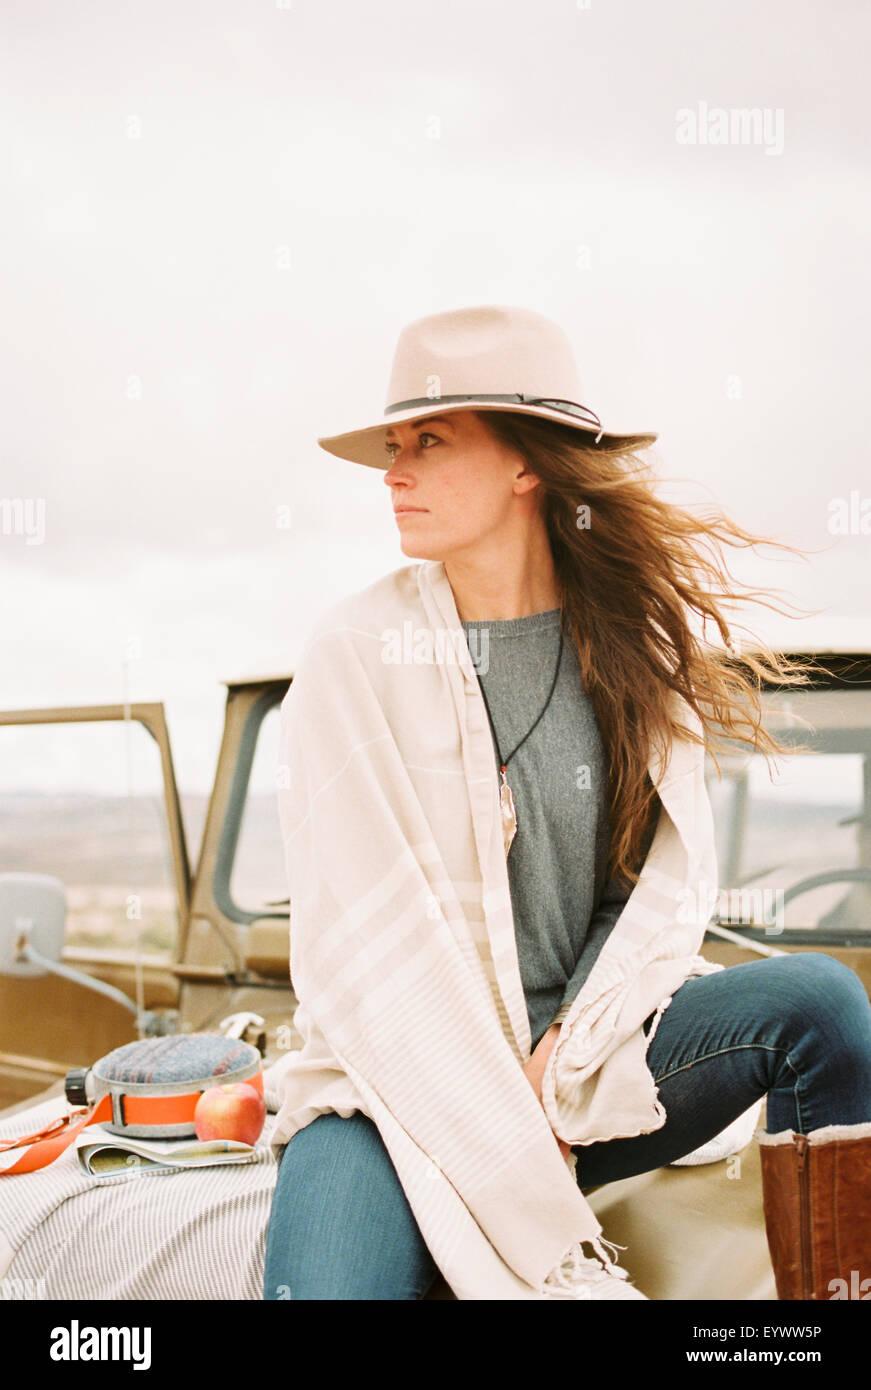 Donna che indossa un cappello seduto sulla parte anteriore di una jeep guardando intorno a lei. Immagini Stock